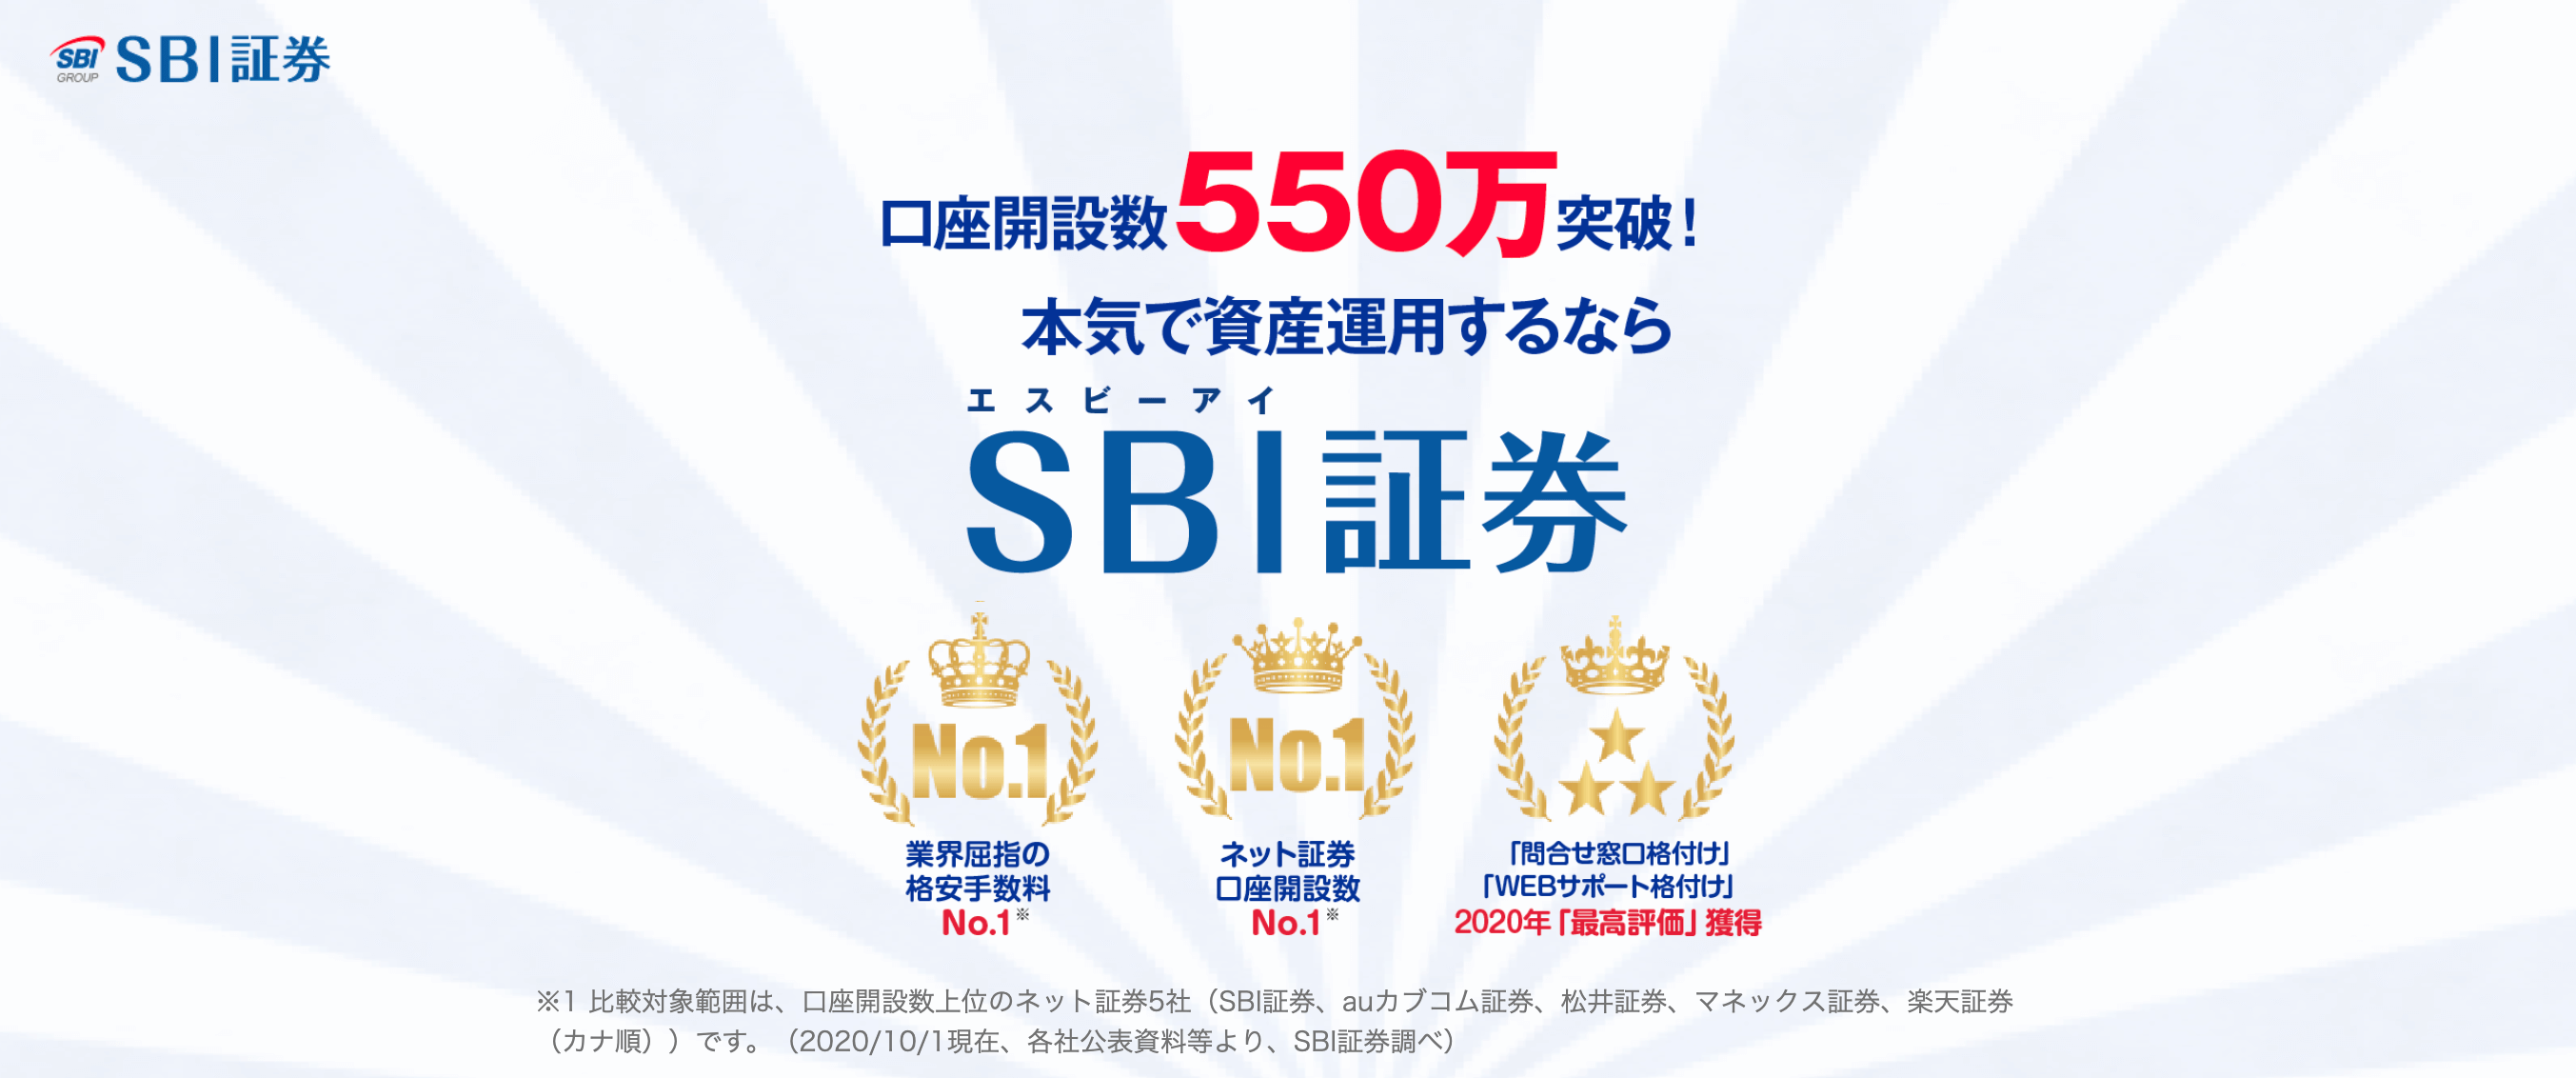 SBI証券のLP画像